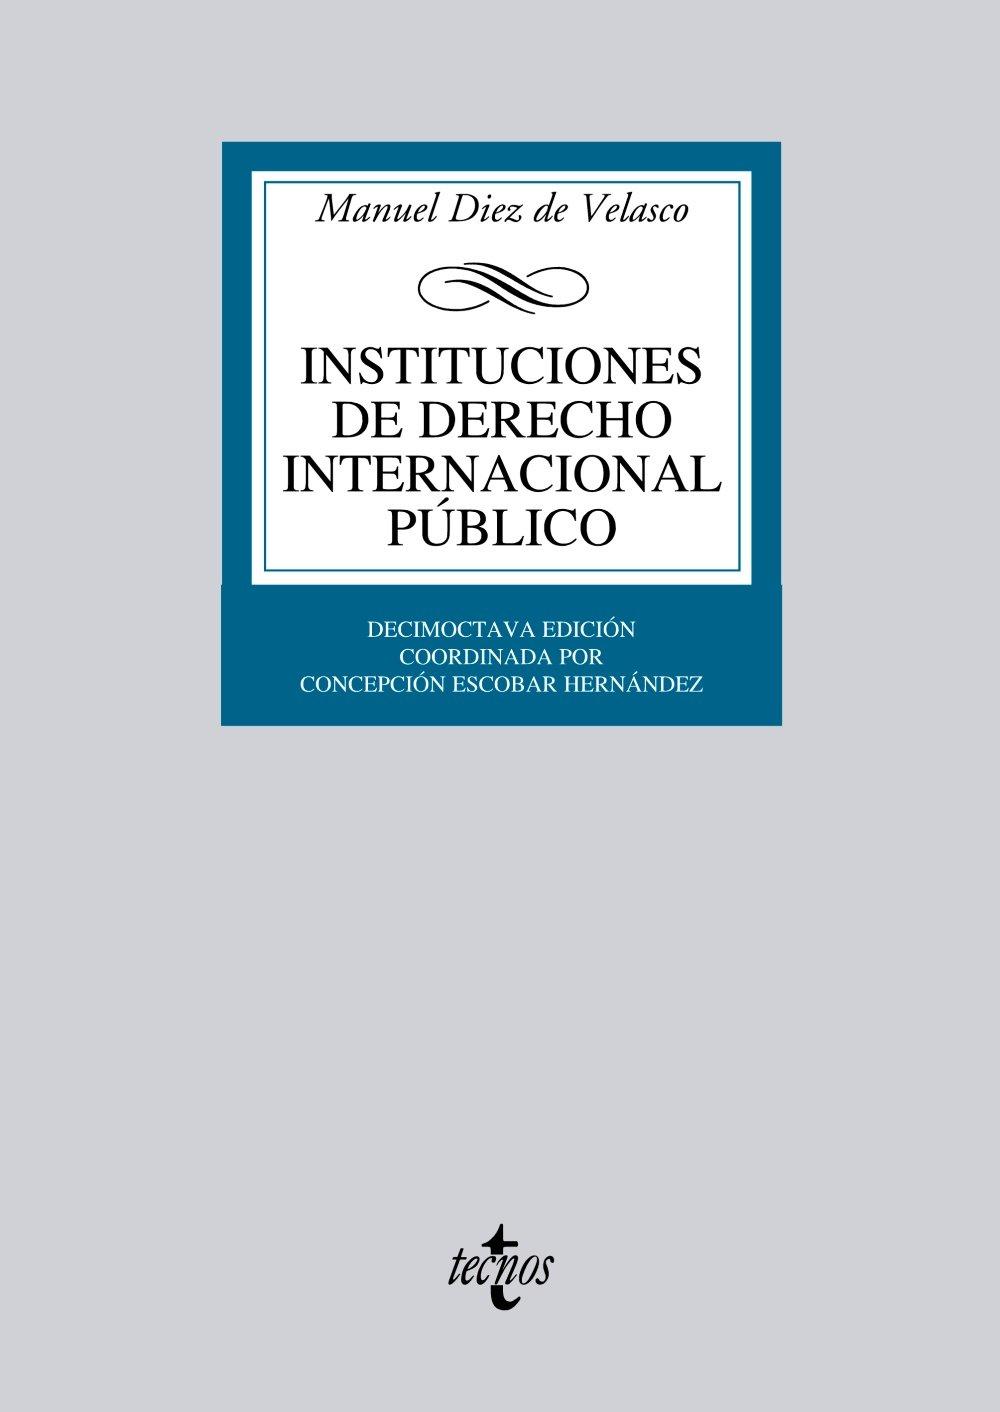 Instituciones de Derecho Internacional público (Derecho - Biblioteca Universitaria De Editorial Tecnos) Tapa blanda – 1 ene 2013 Manuel Diez de Velasco 8430953418 International LAW / International